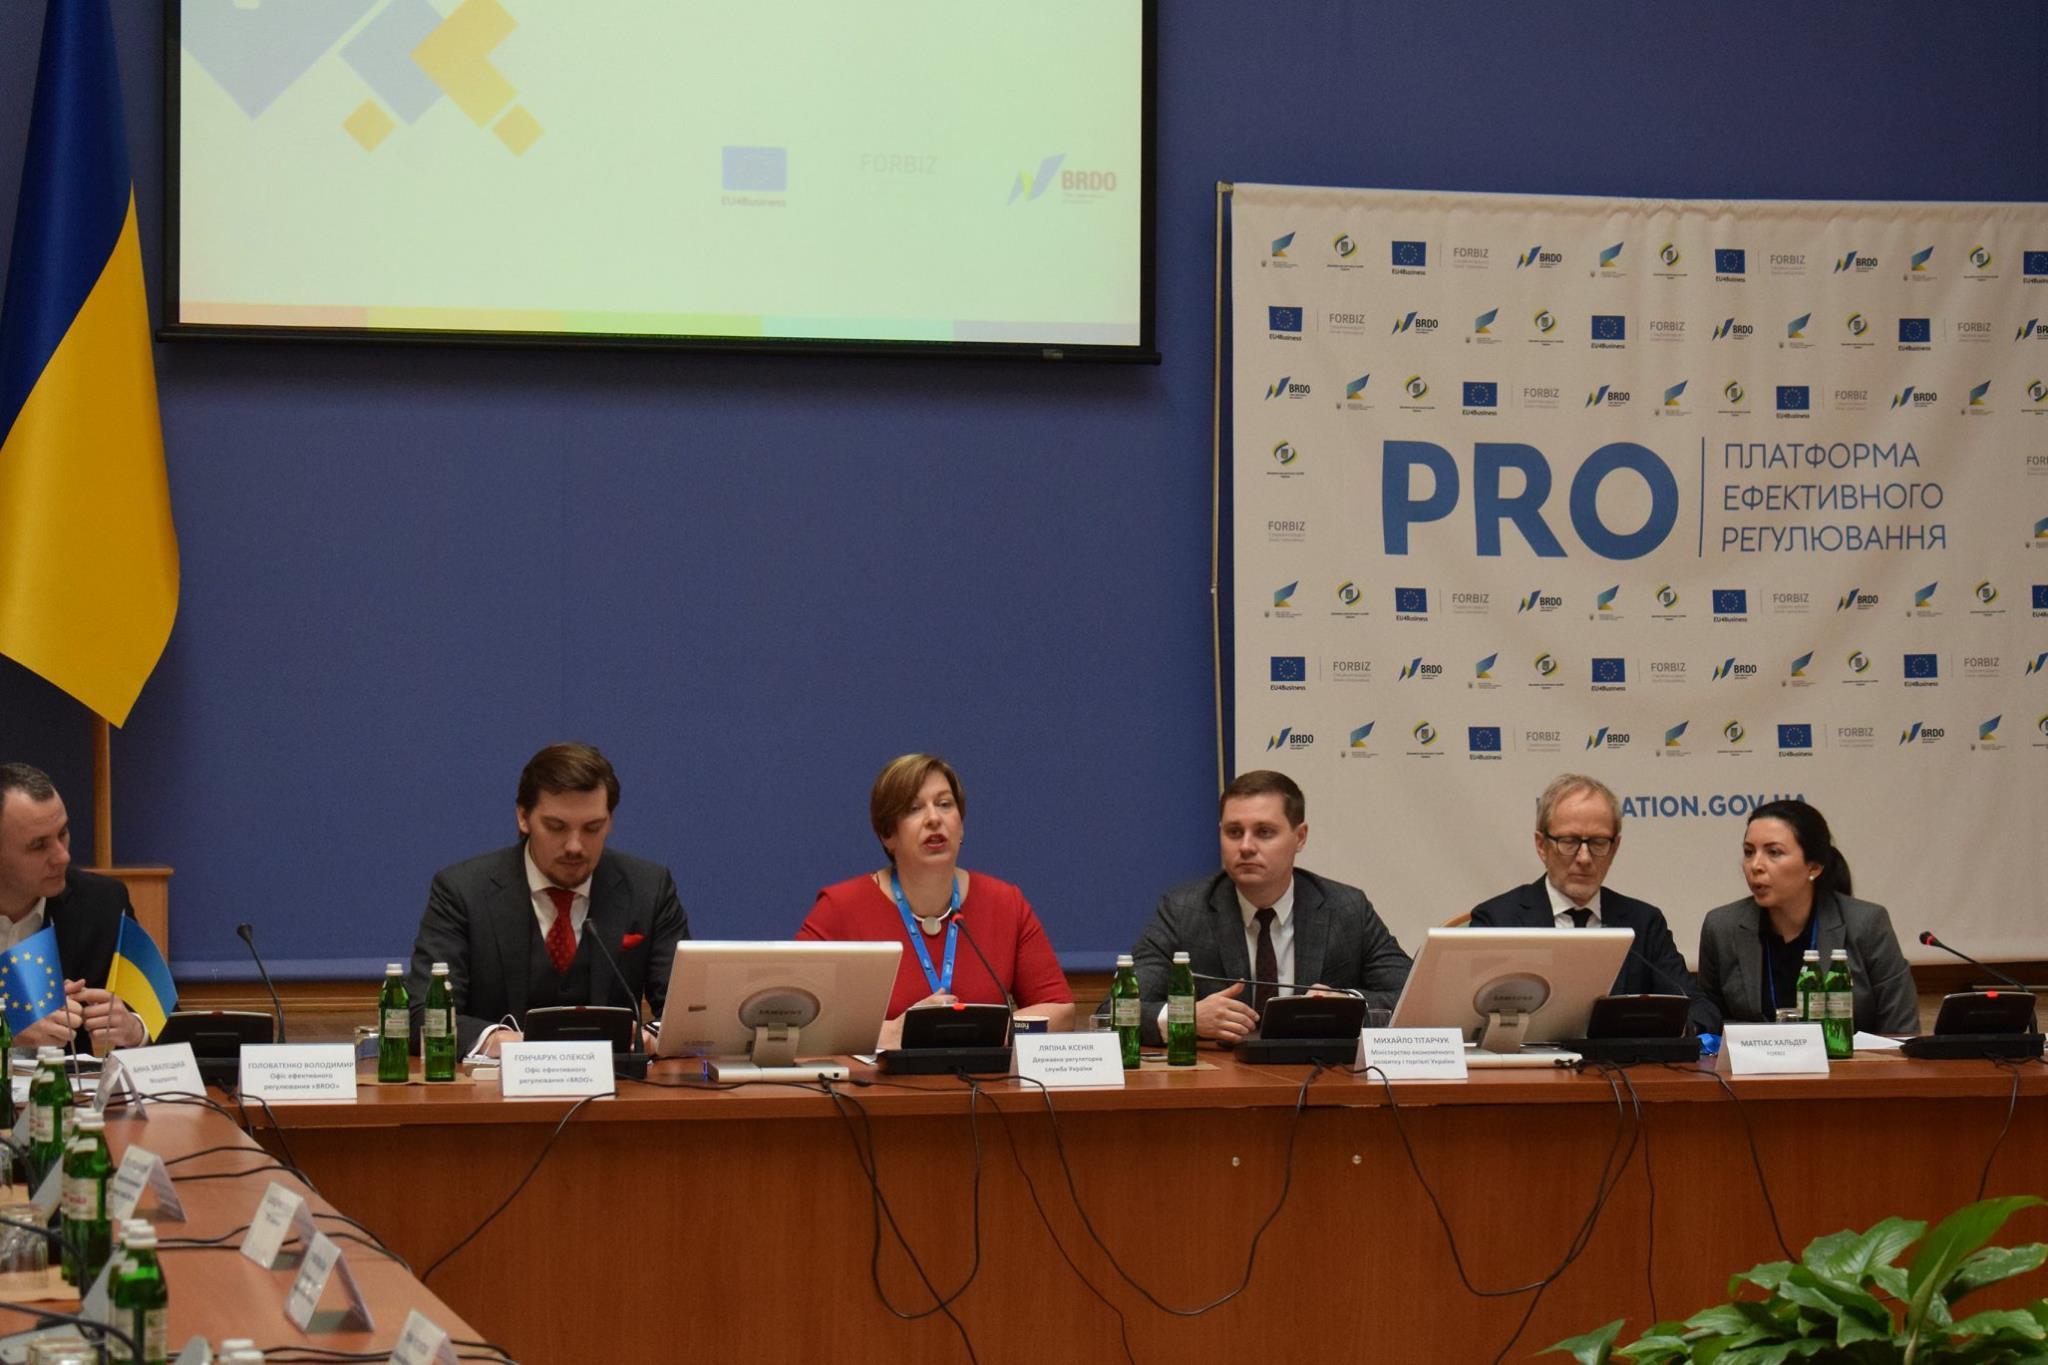 Найбільший у світі оператор гнучких офісних рішень IWG відкриває 10-ту локацію у Києві